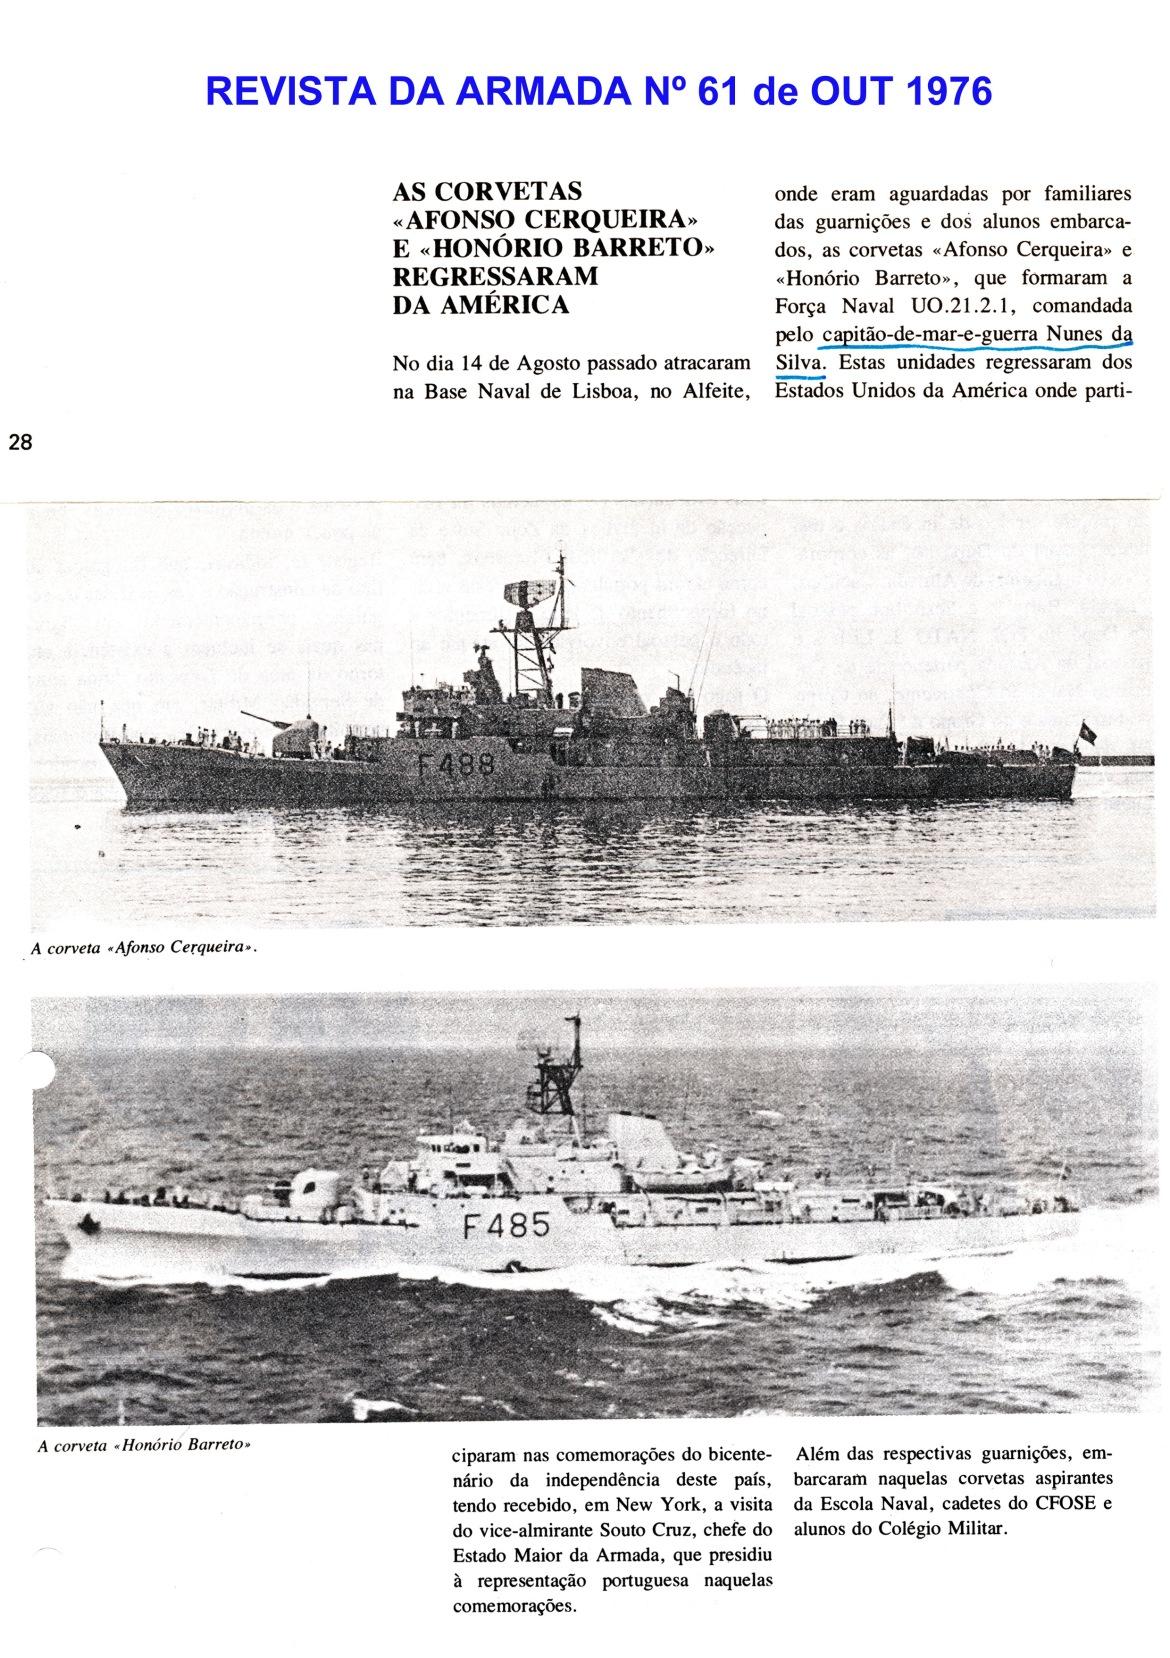 00766 976-10-01 Notícia da missão das corvetas -Revista da Armada 61 de Out 1976